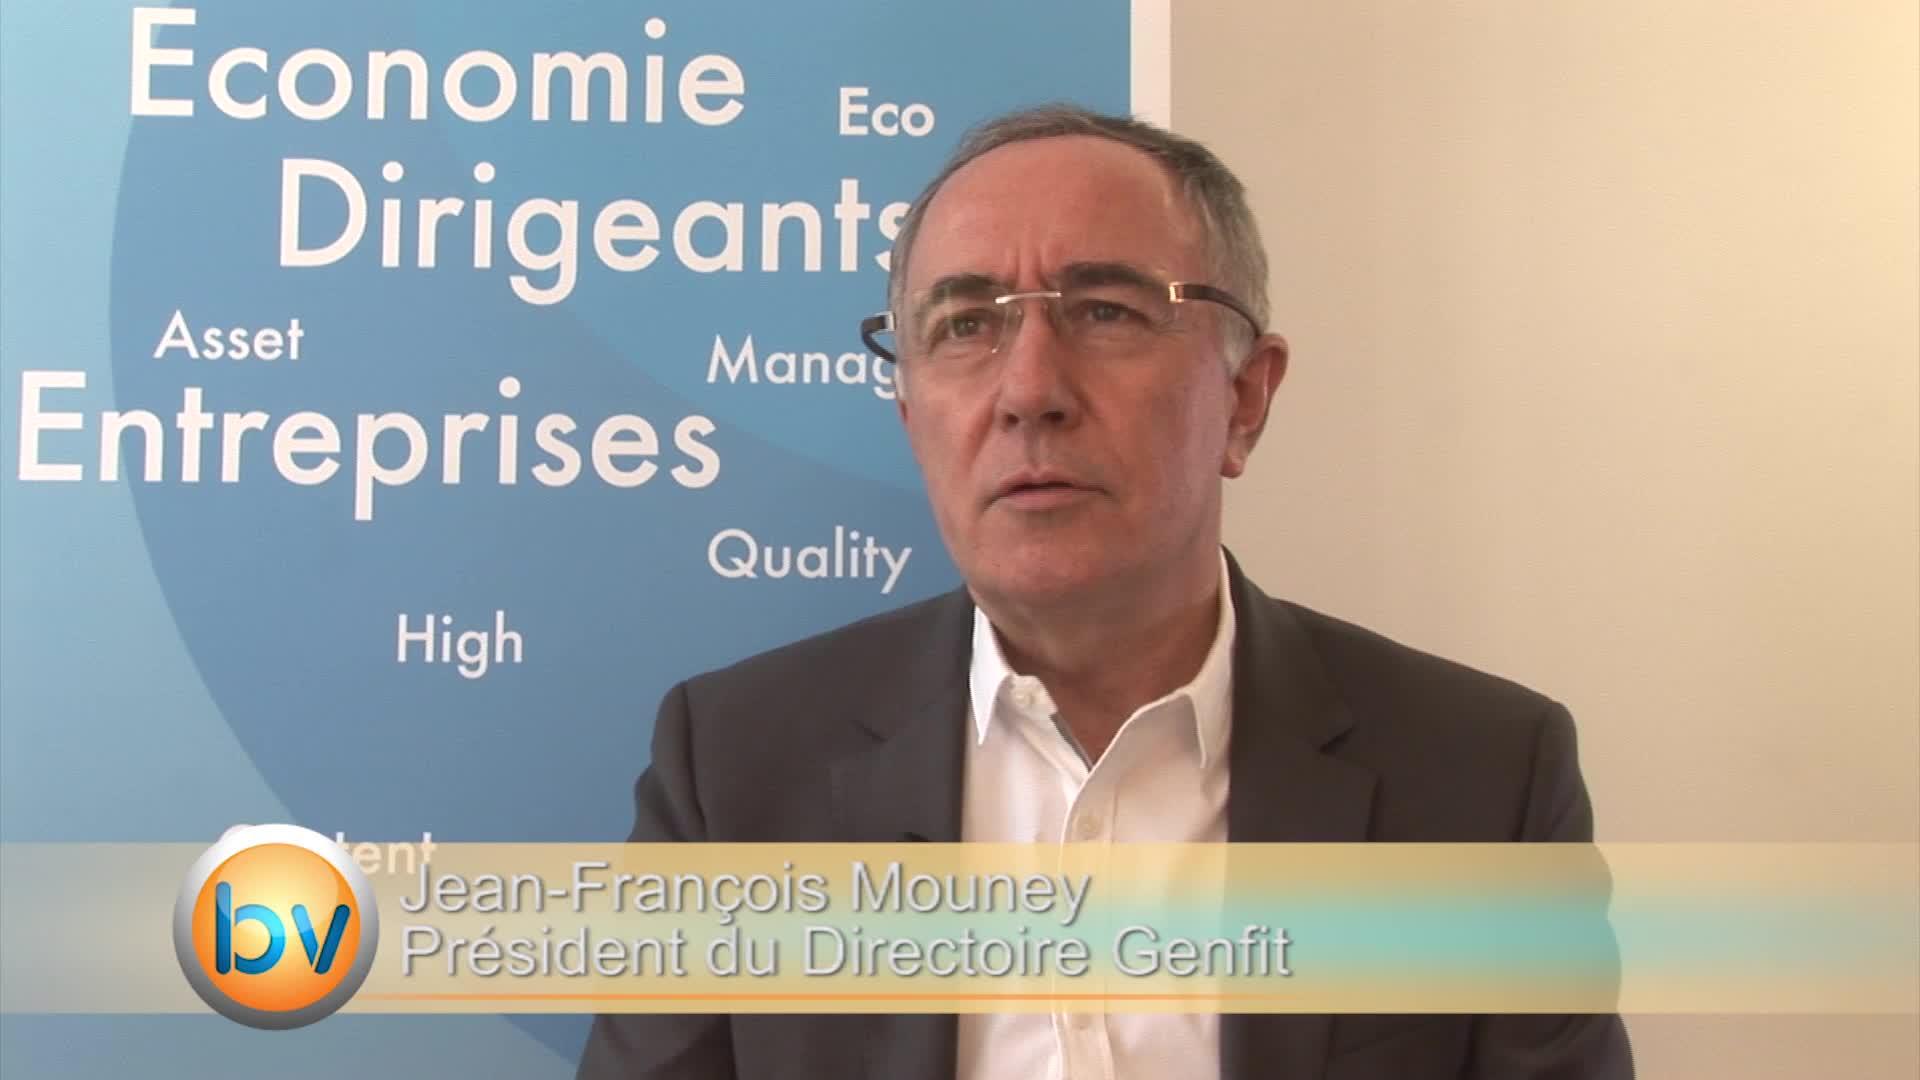 """Jean-François Mouney Président du Directoire Genfit : """"La probabilité que la phase 3 démarre sur le 505 après accord de la FDA est très élevé"""" : Après la publication d'une étude qui a suscité des inquiétudes en Bourse, les explications de Genfit"""